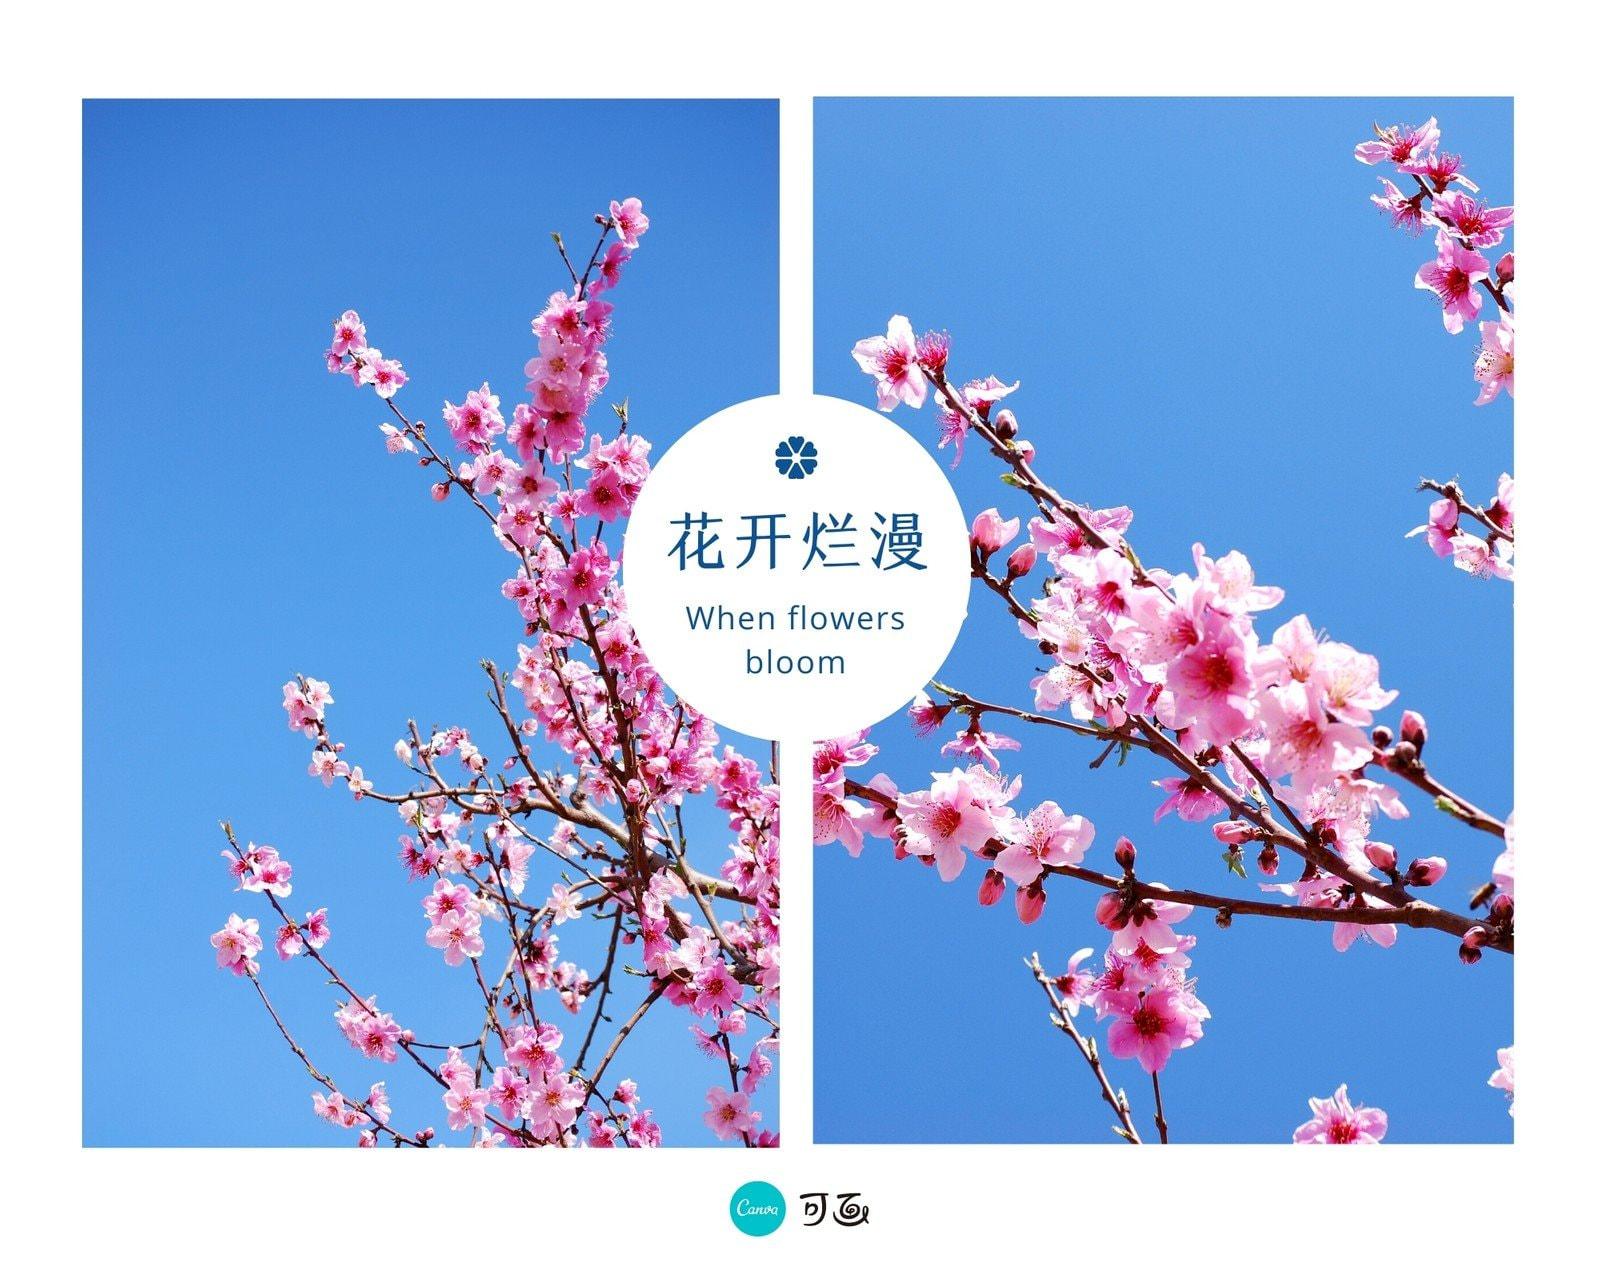 蓝天鲜花风景拼图